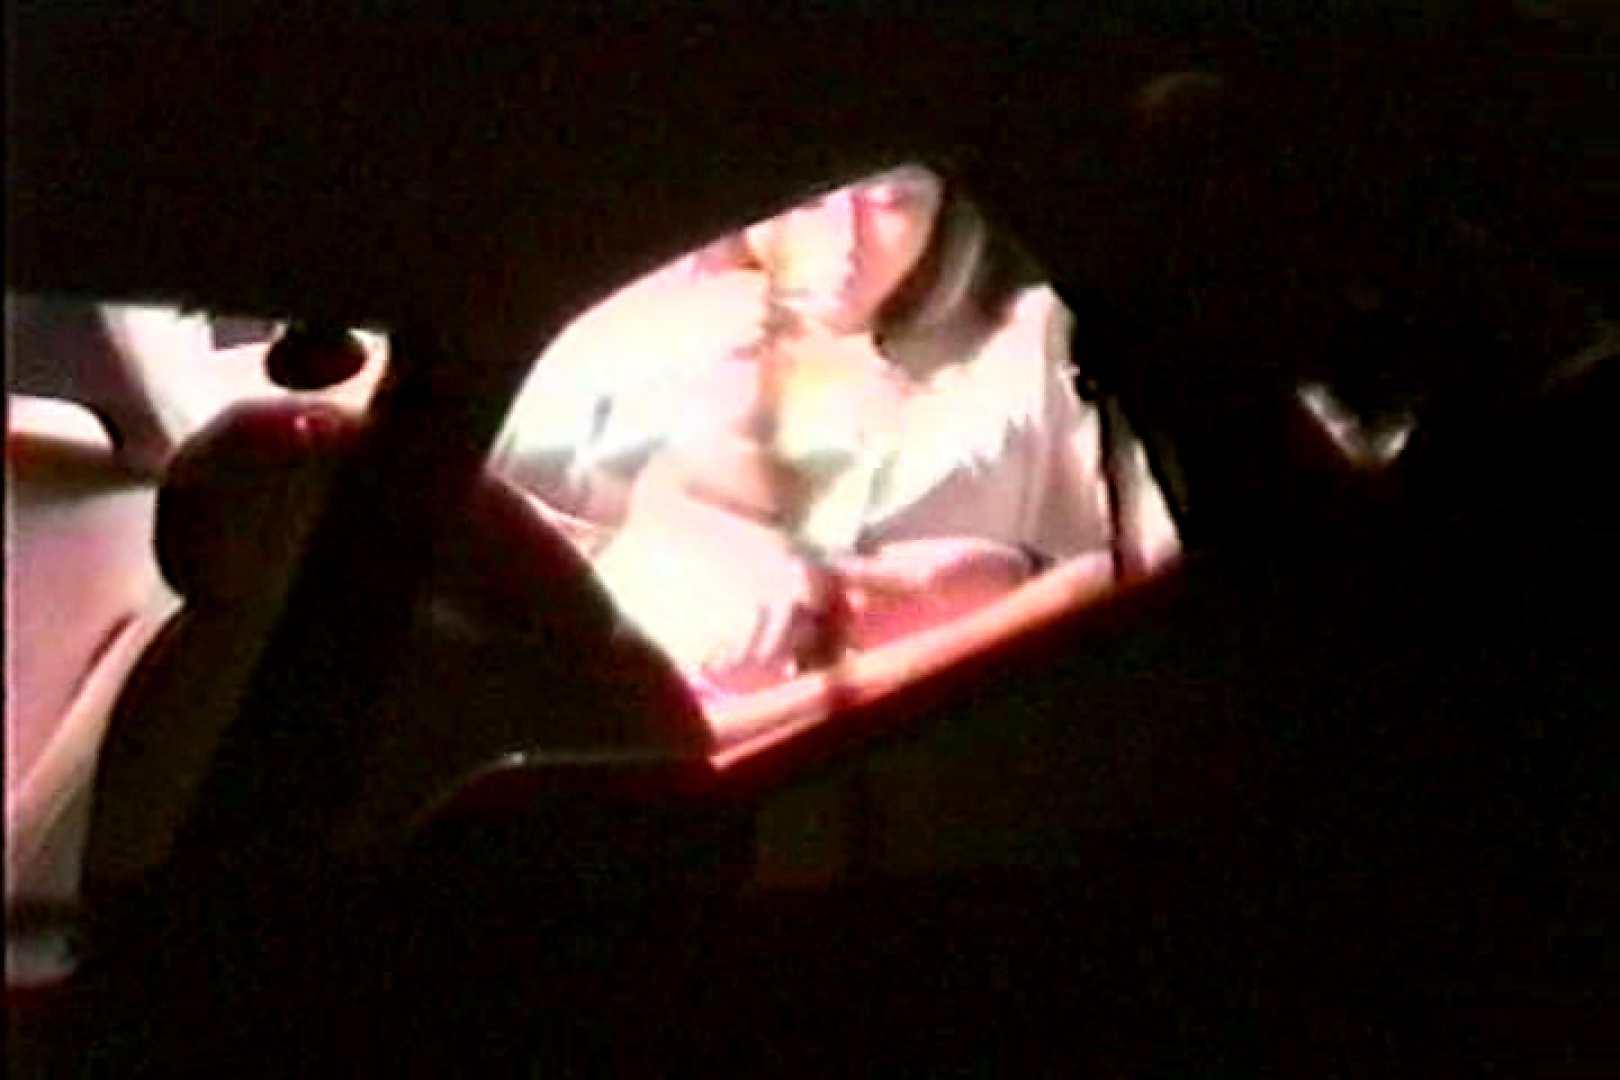 車の中はラブホテル 無修正版  Vol.8 セックス おまんこ無修正動画無料 102PIX 43